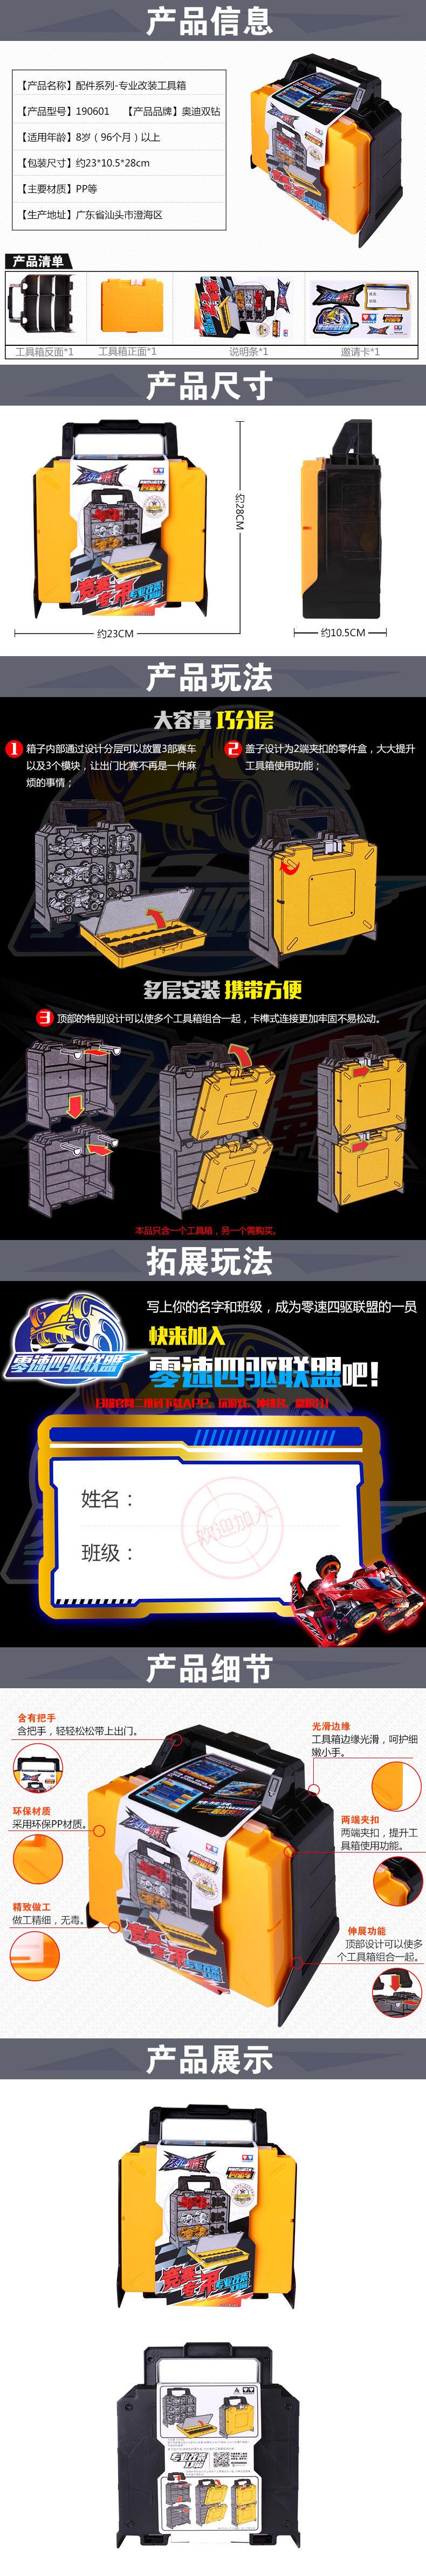 配件系列-专业改装工具箱-详情_02.jpg